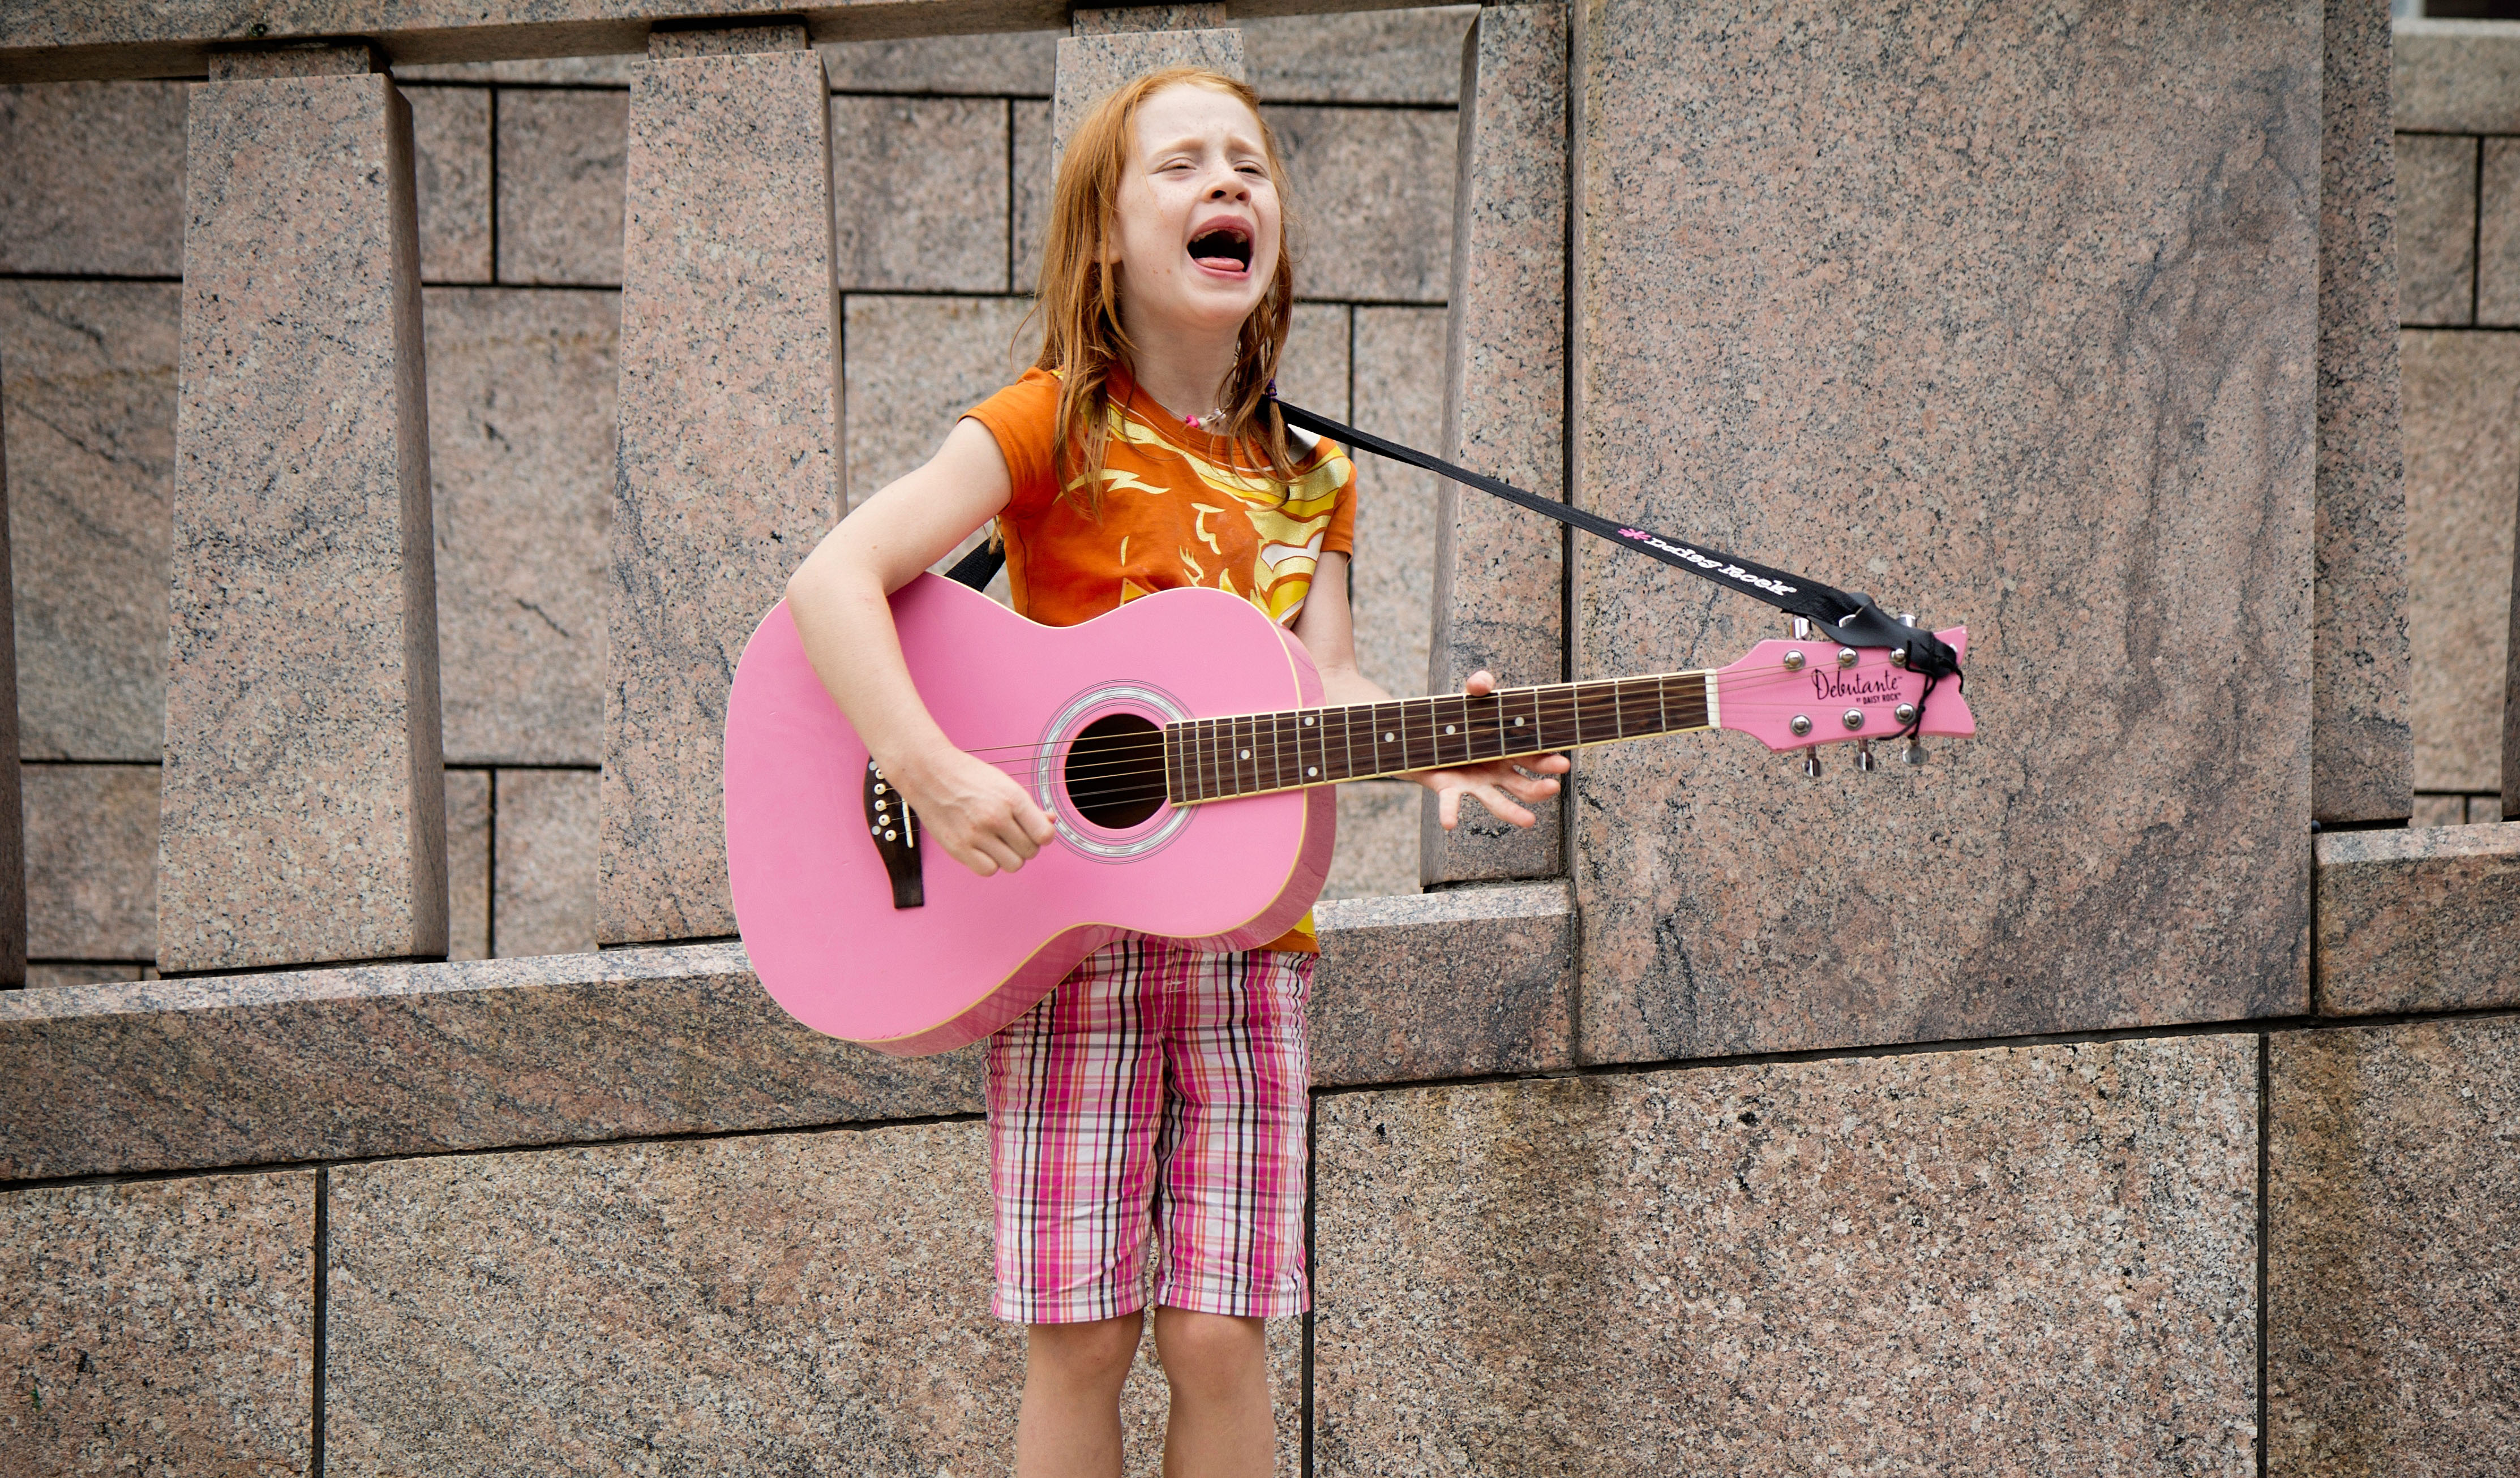 vaiku vokalistu burelis2